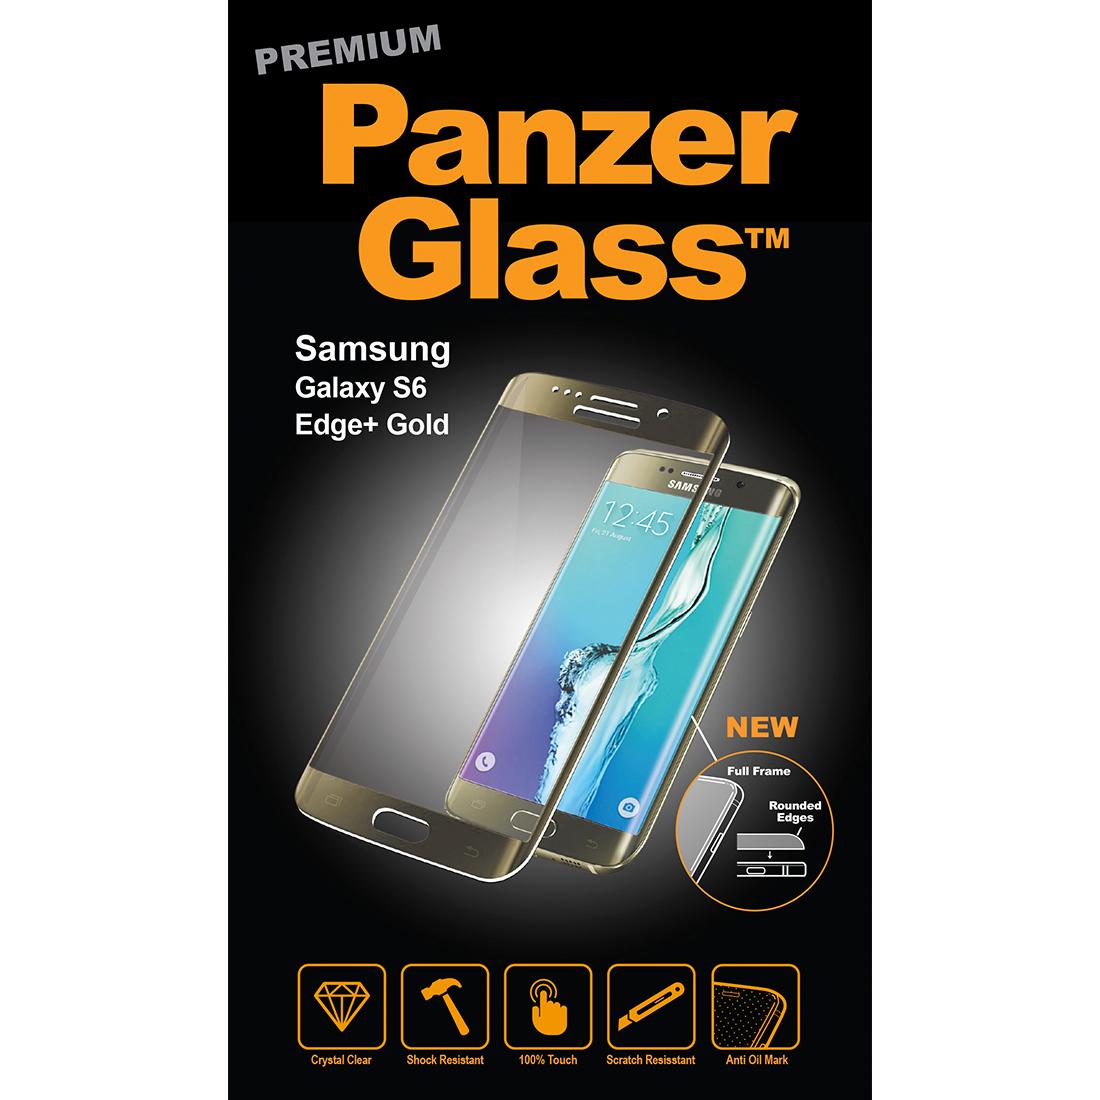 Billede af Panzer Glass Sikkerhedsglas Premium til Samsung Galaxy S6 Edge+ Plus Guld